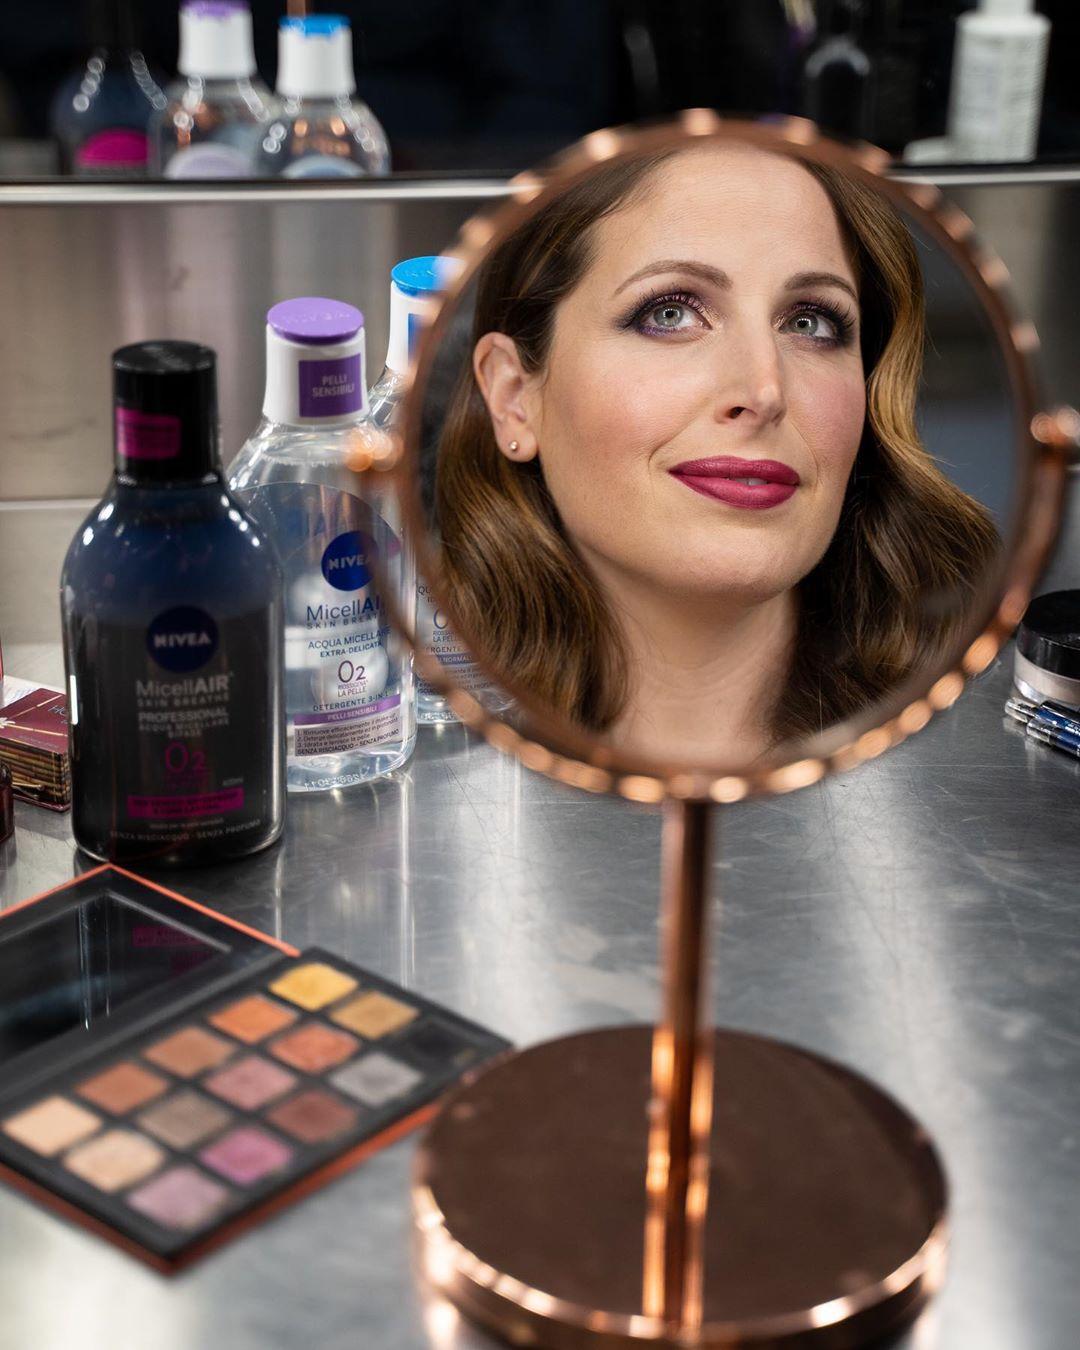 Clio Makeup Up